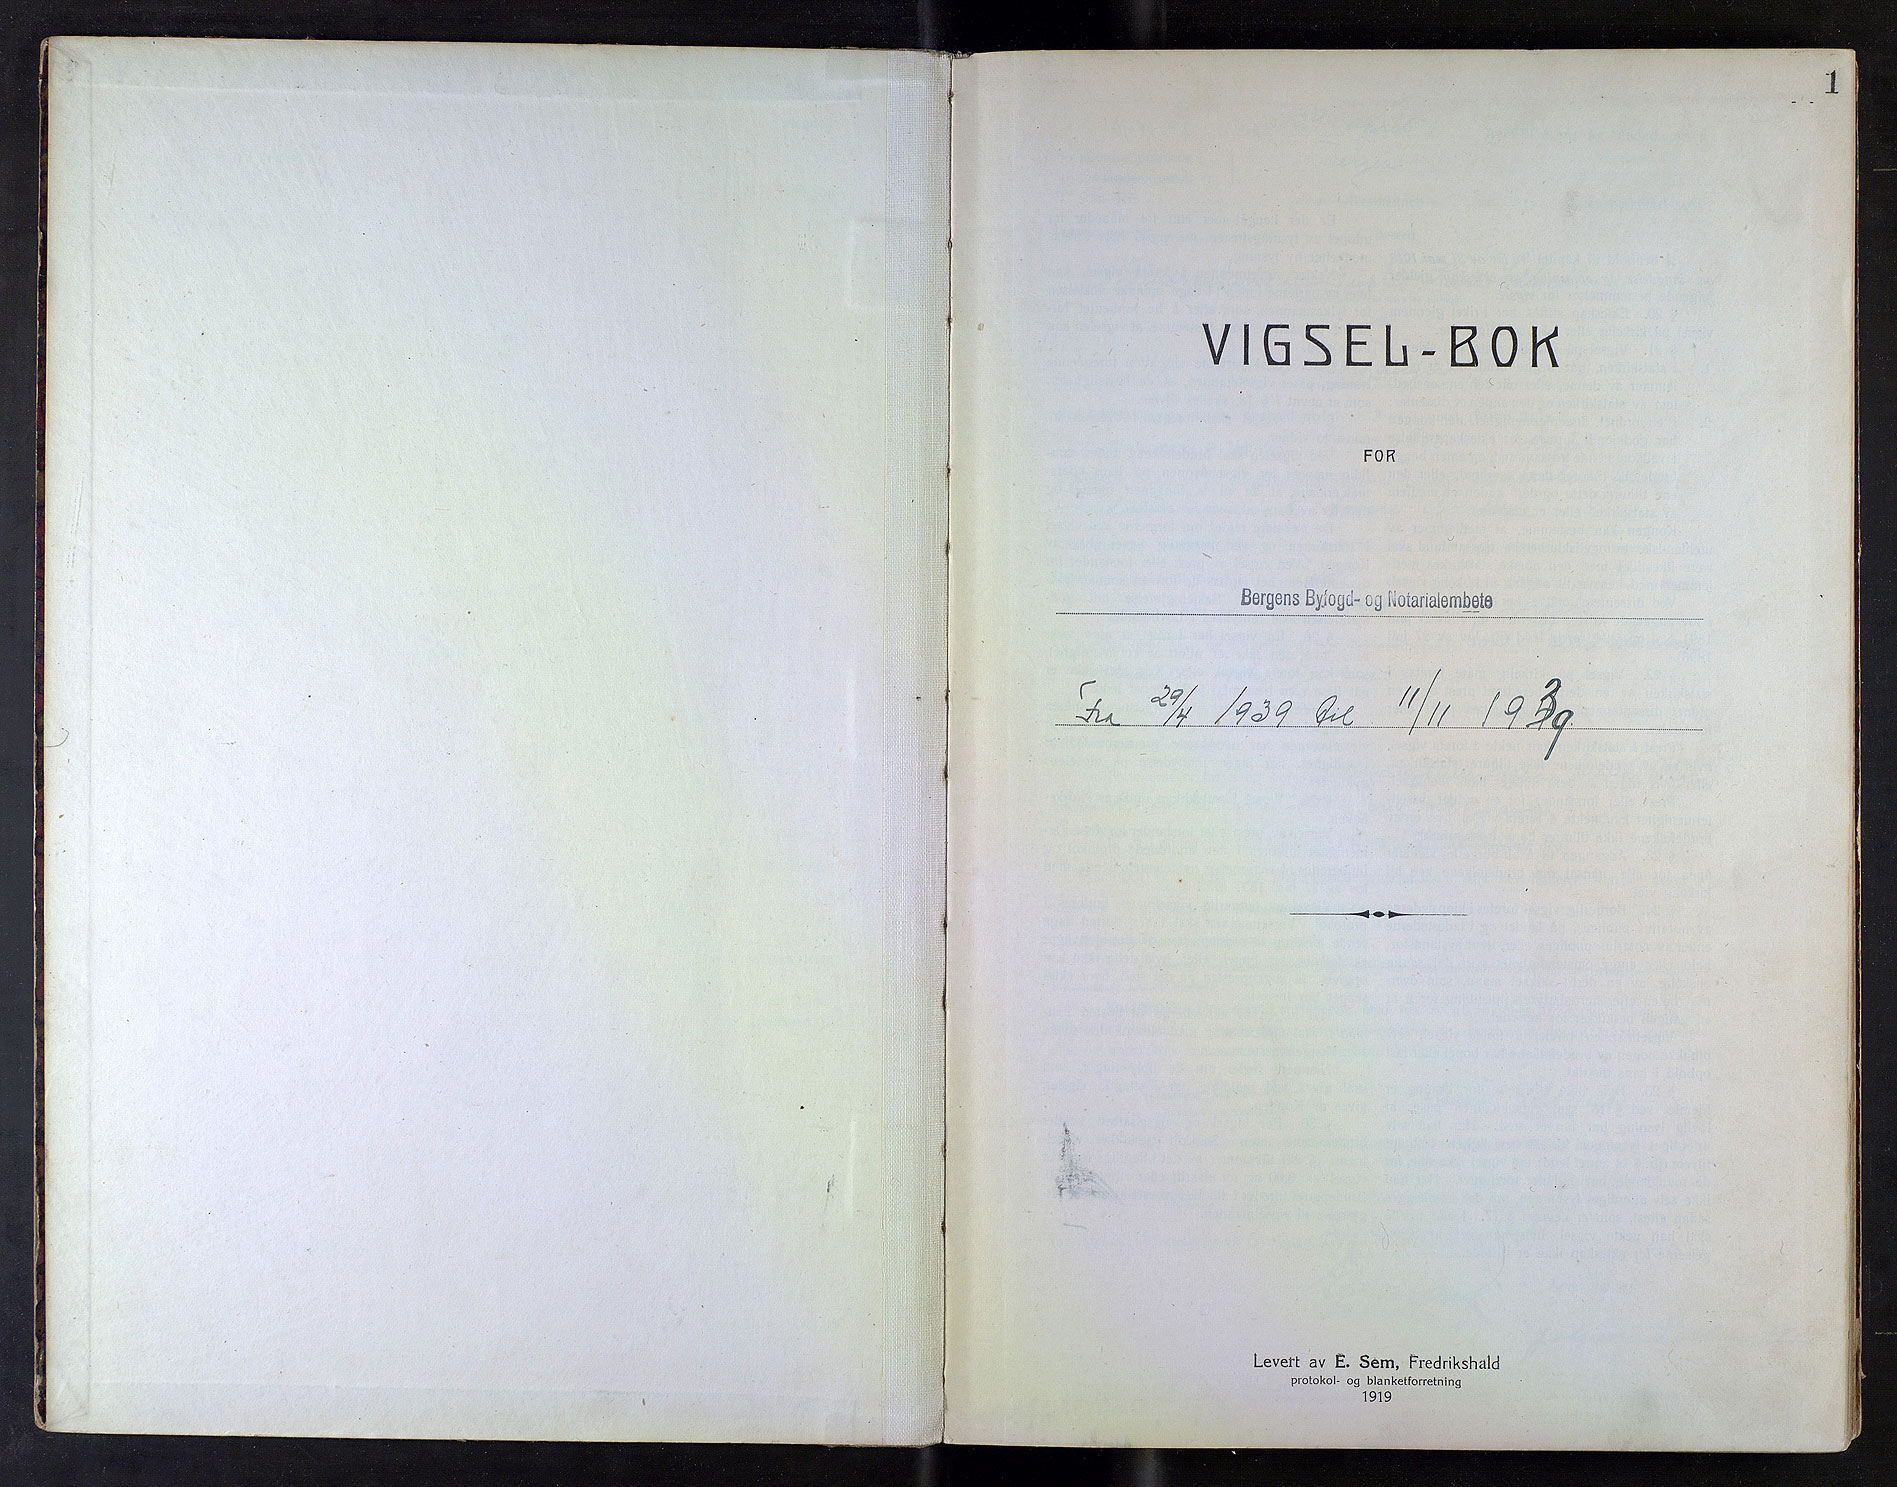 SAB, Bergen byfogd og byskriver*, 1939, s. 1a